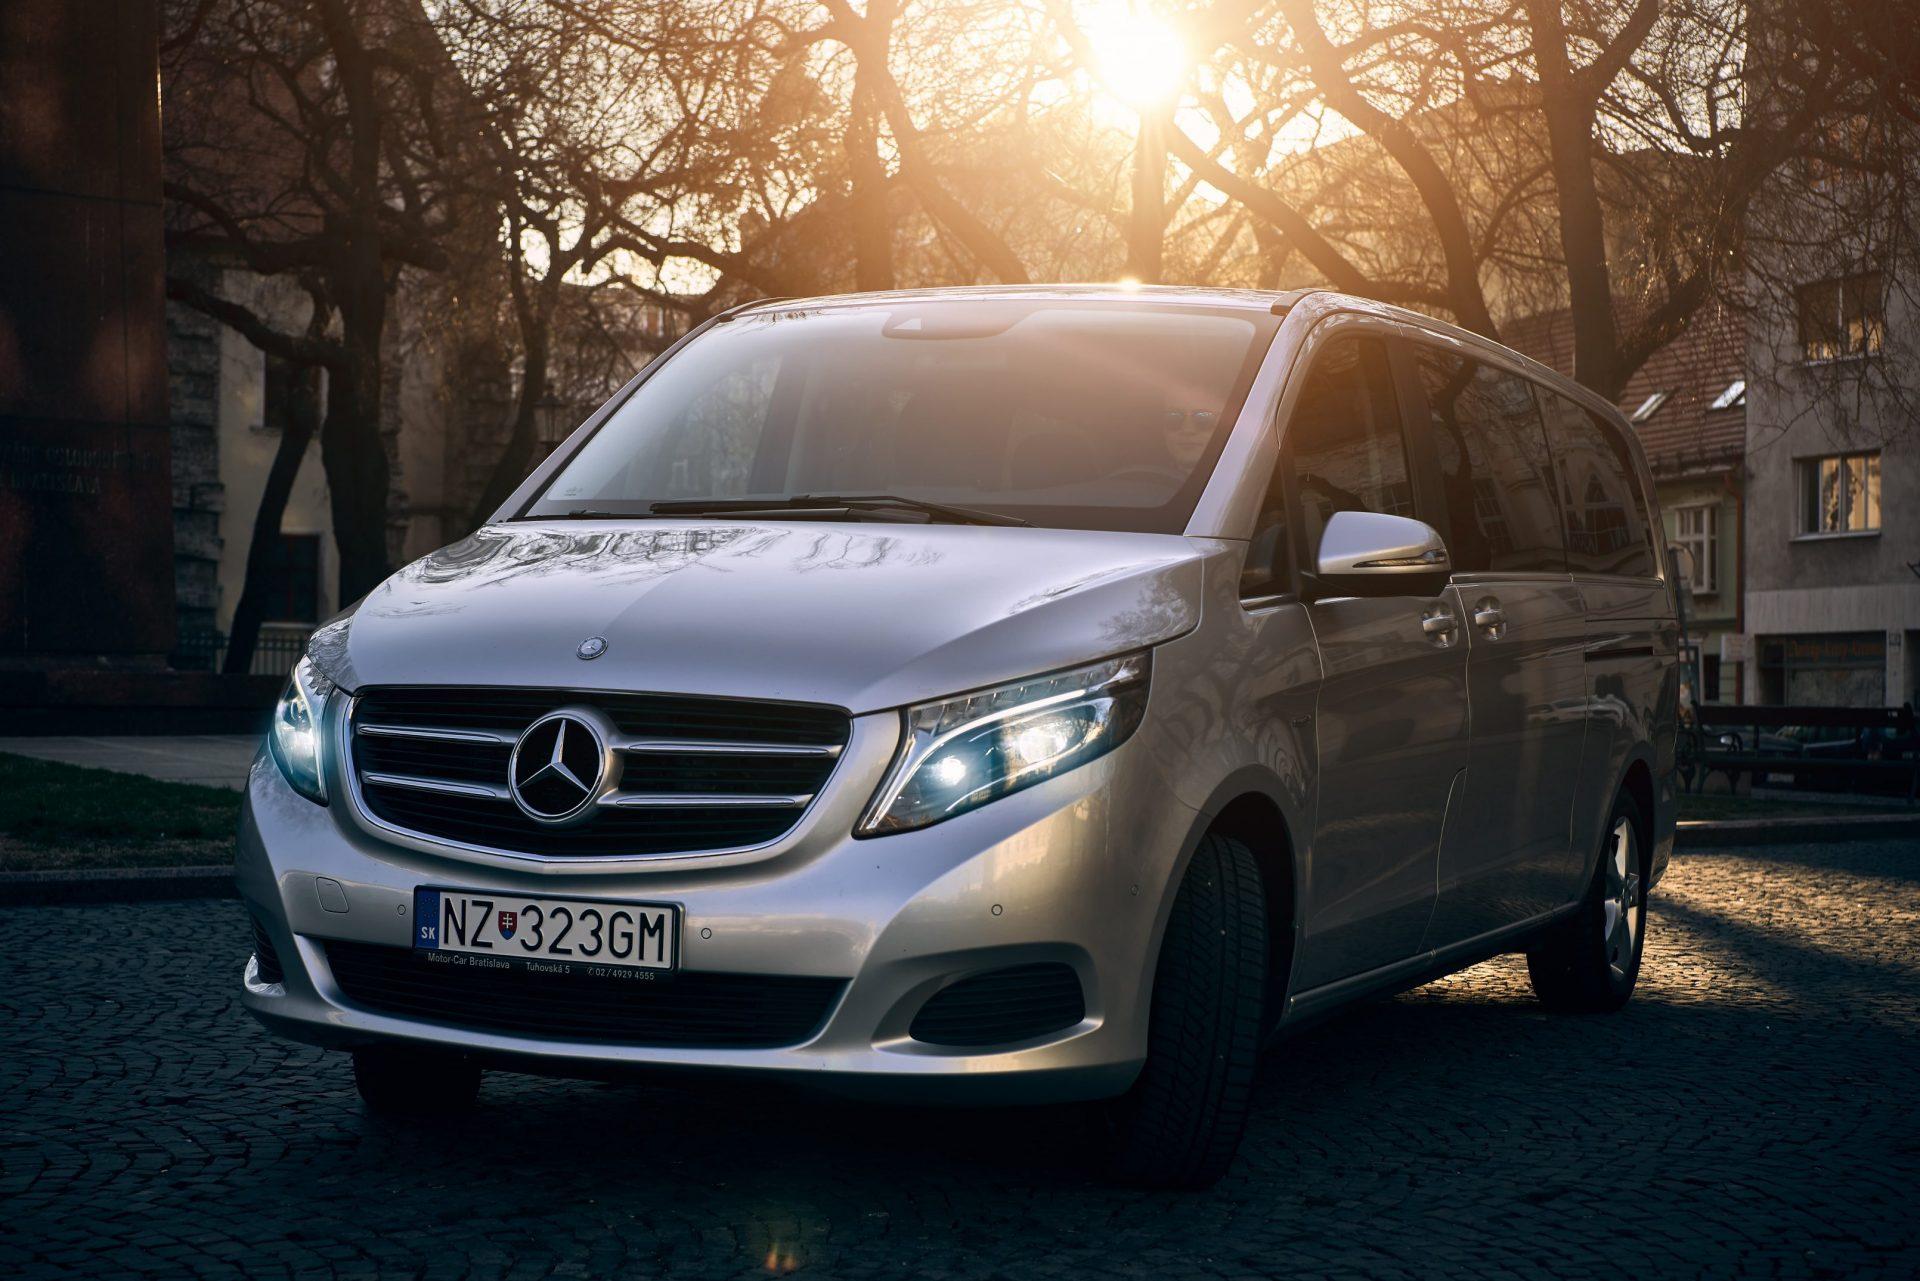 Mercedes_Benz_V_predoma.sk_web_17